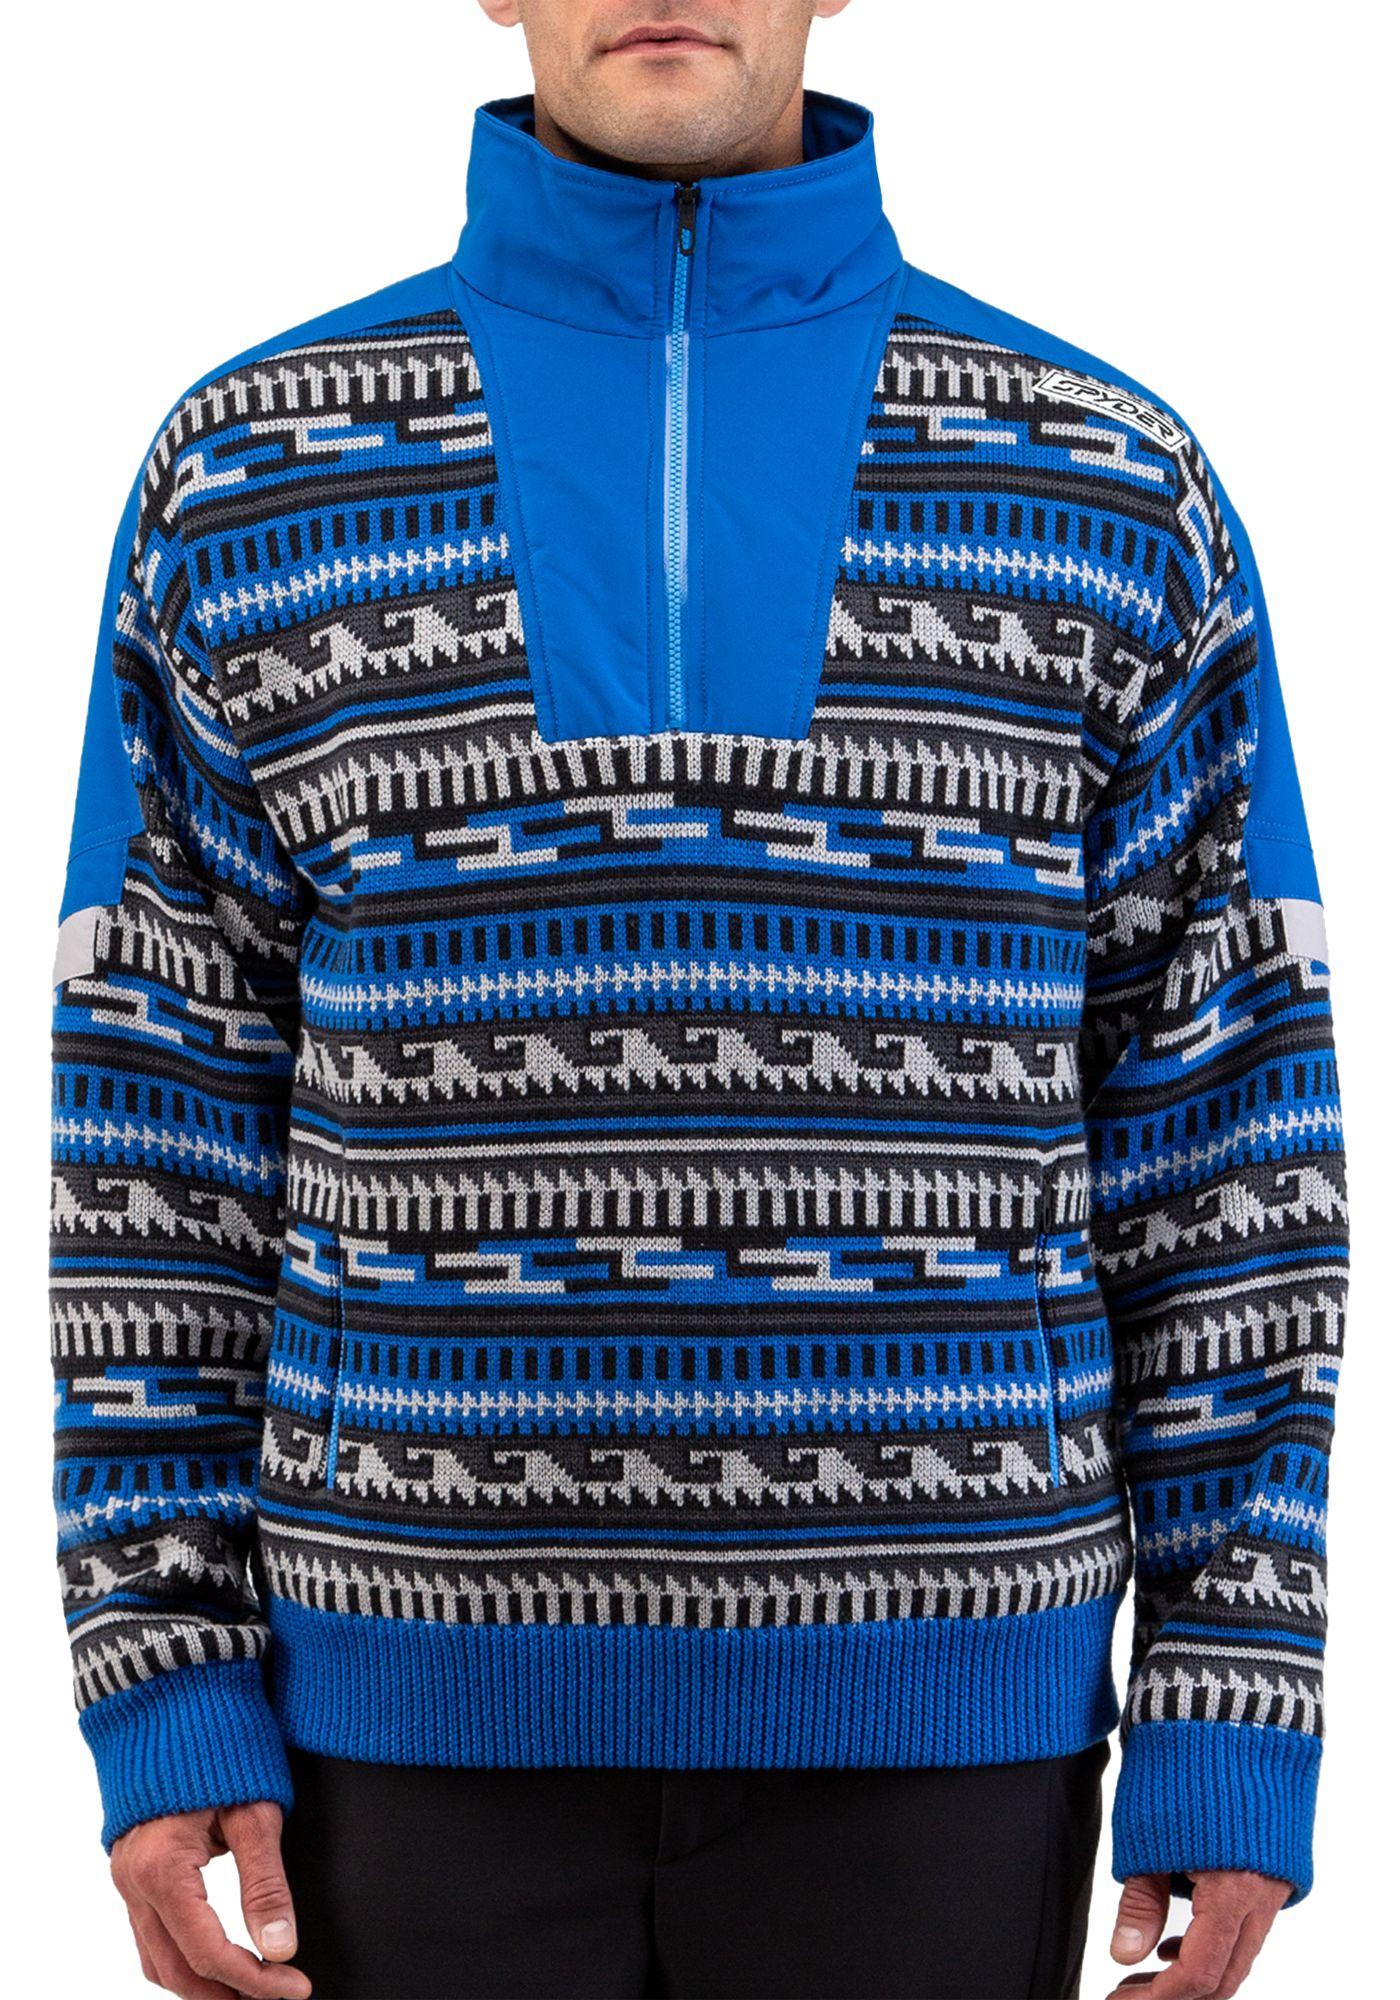 Spyder Men's Legacy GTX INFINIUM Lined Half Zip Sweater